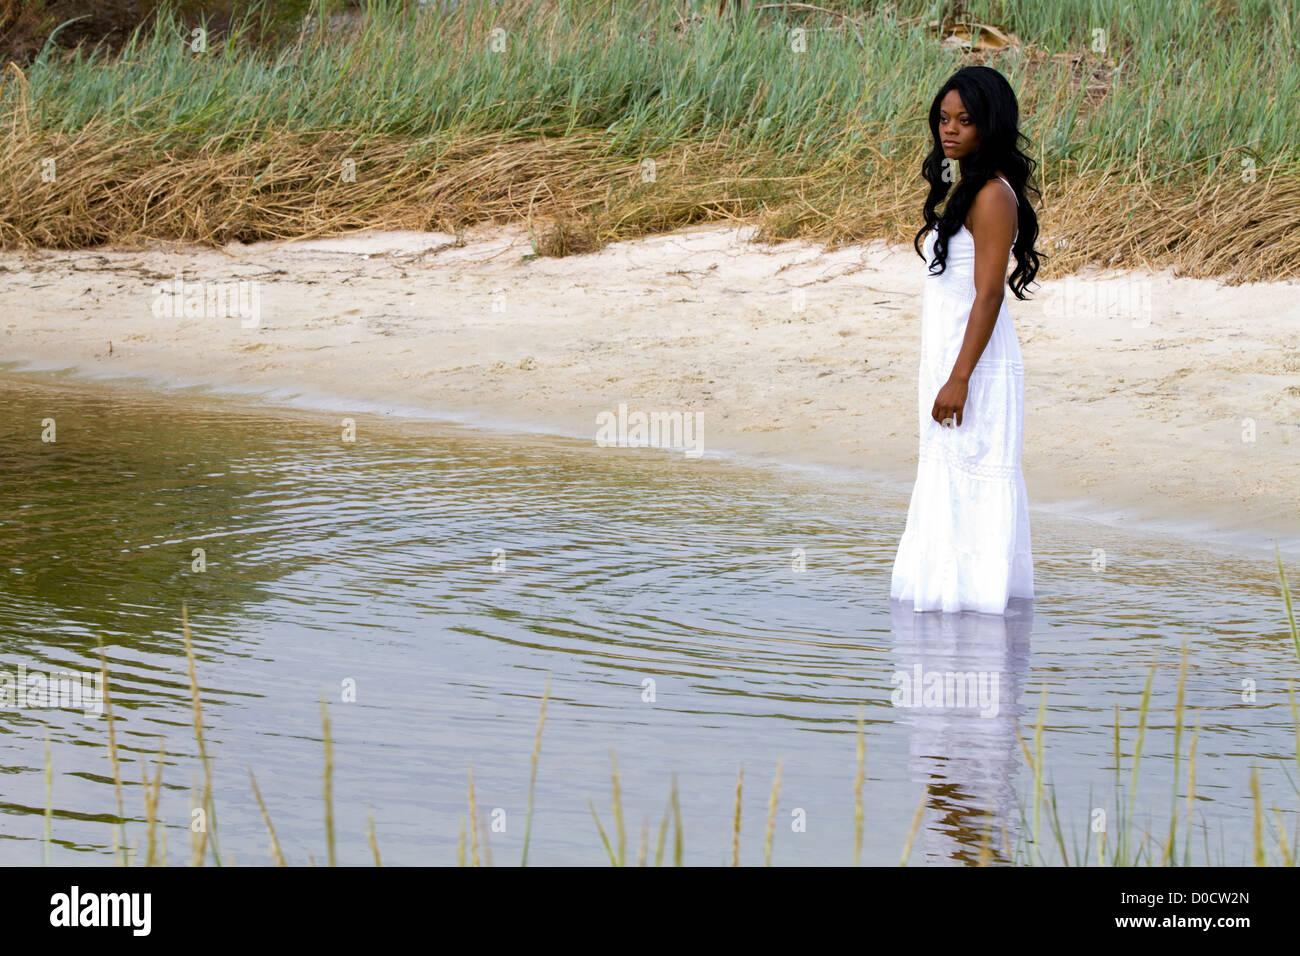 Lonely Afroamericana está abatido en aguas poco profundas con una triste mirada en su rostro pensativo. Imagen De Stock